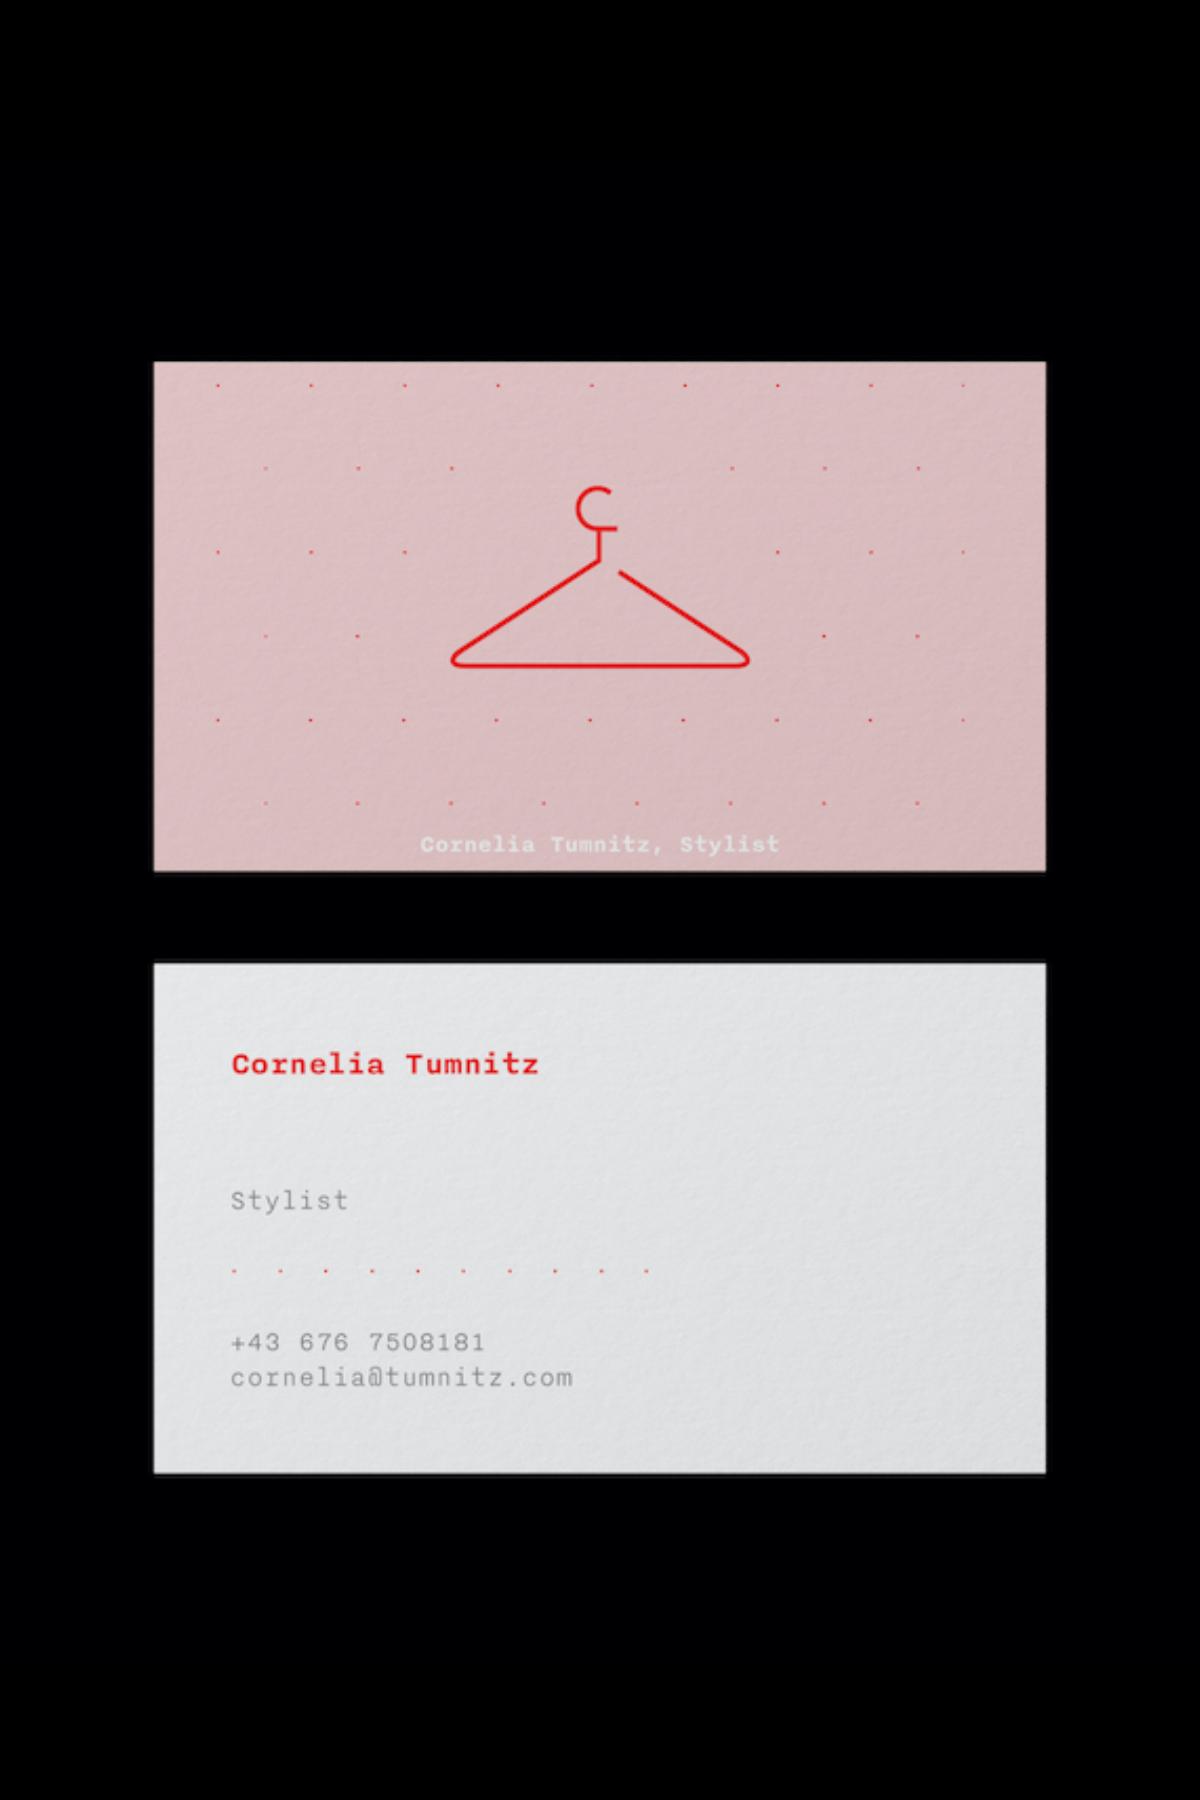 1 Stella Butz Grafikdesign Cornelia Tumnitz Visitenkarte hf